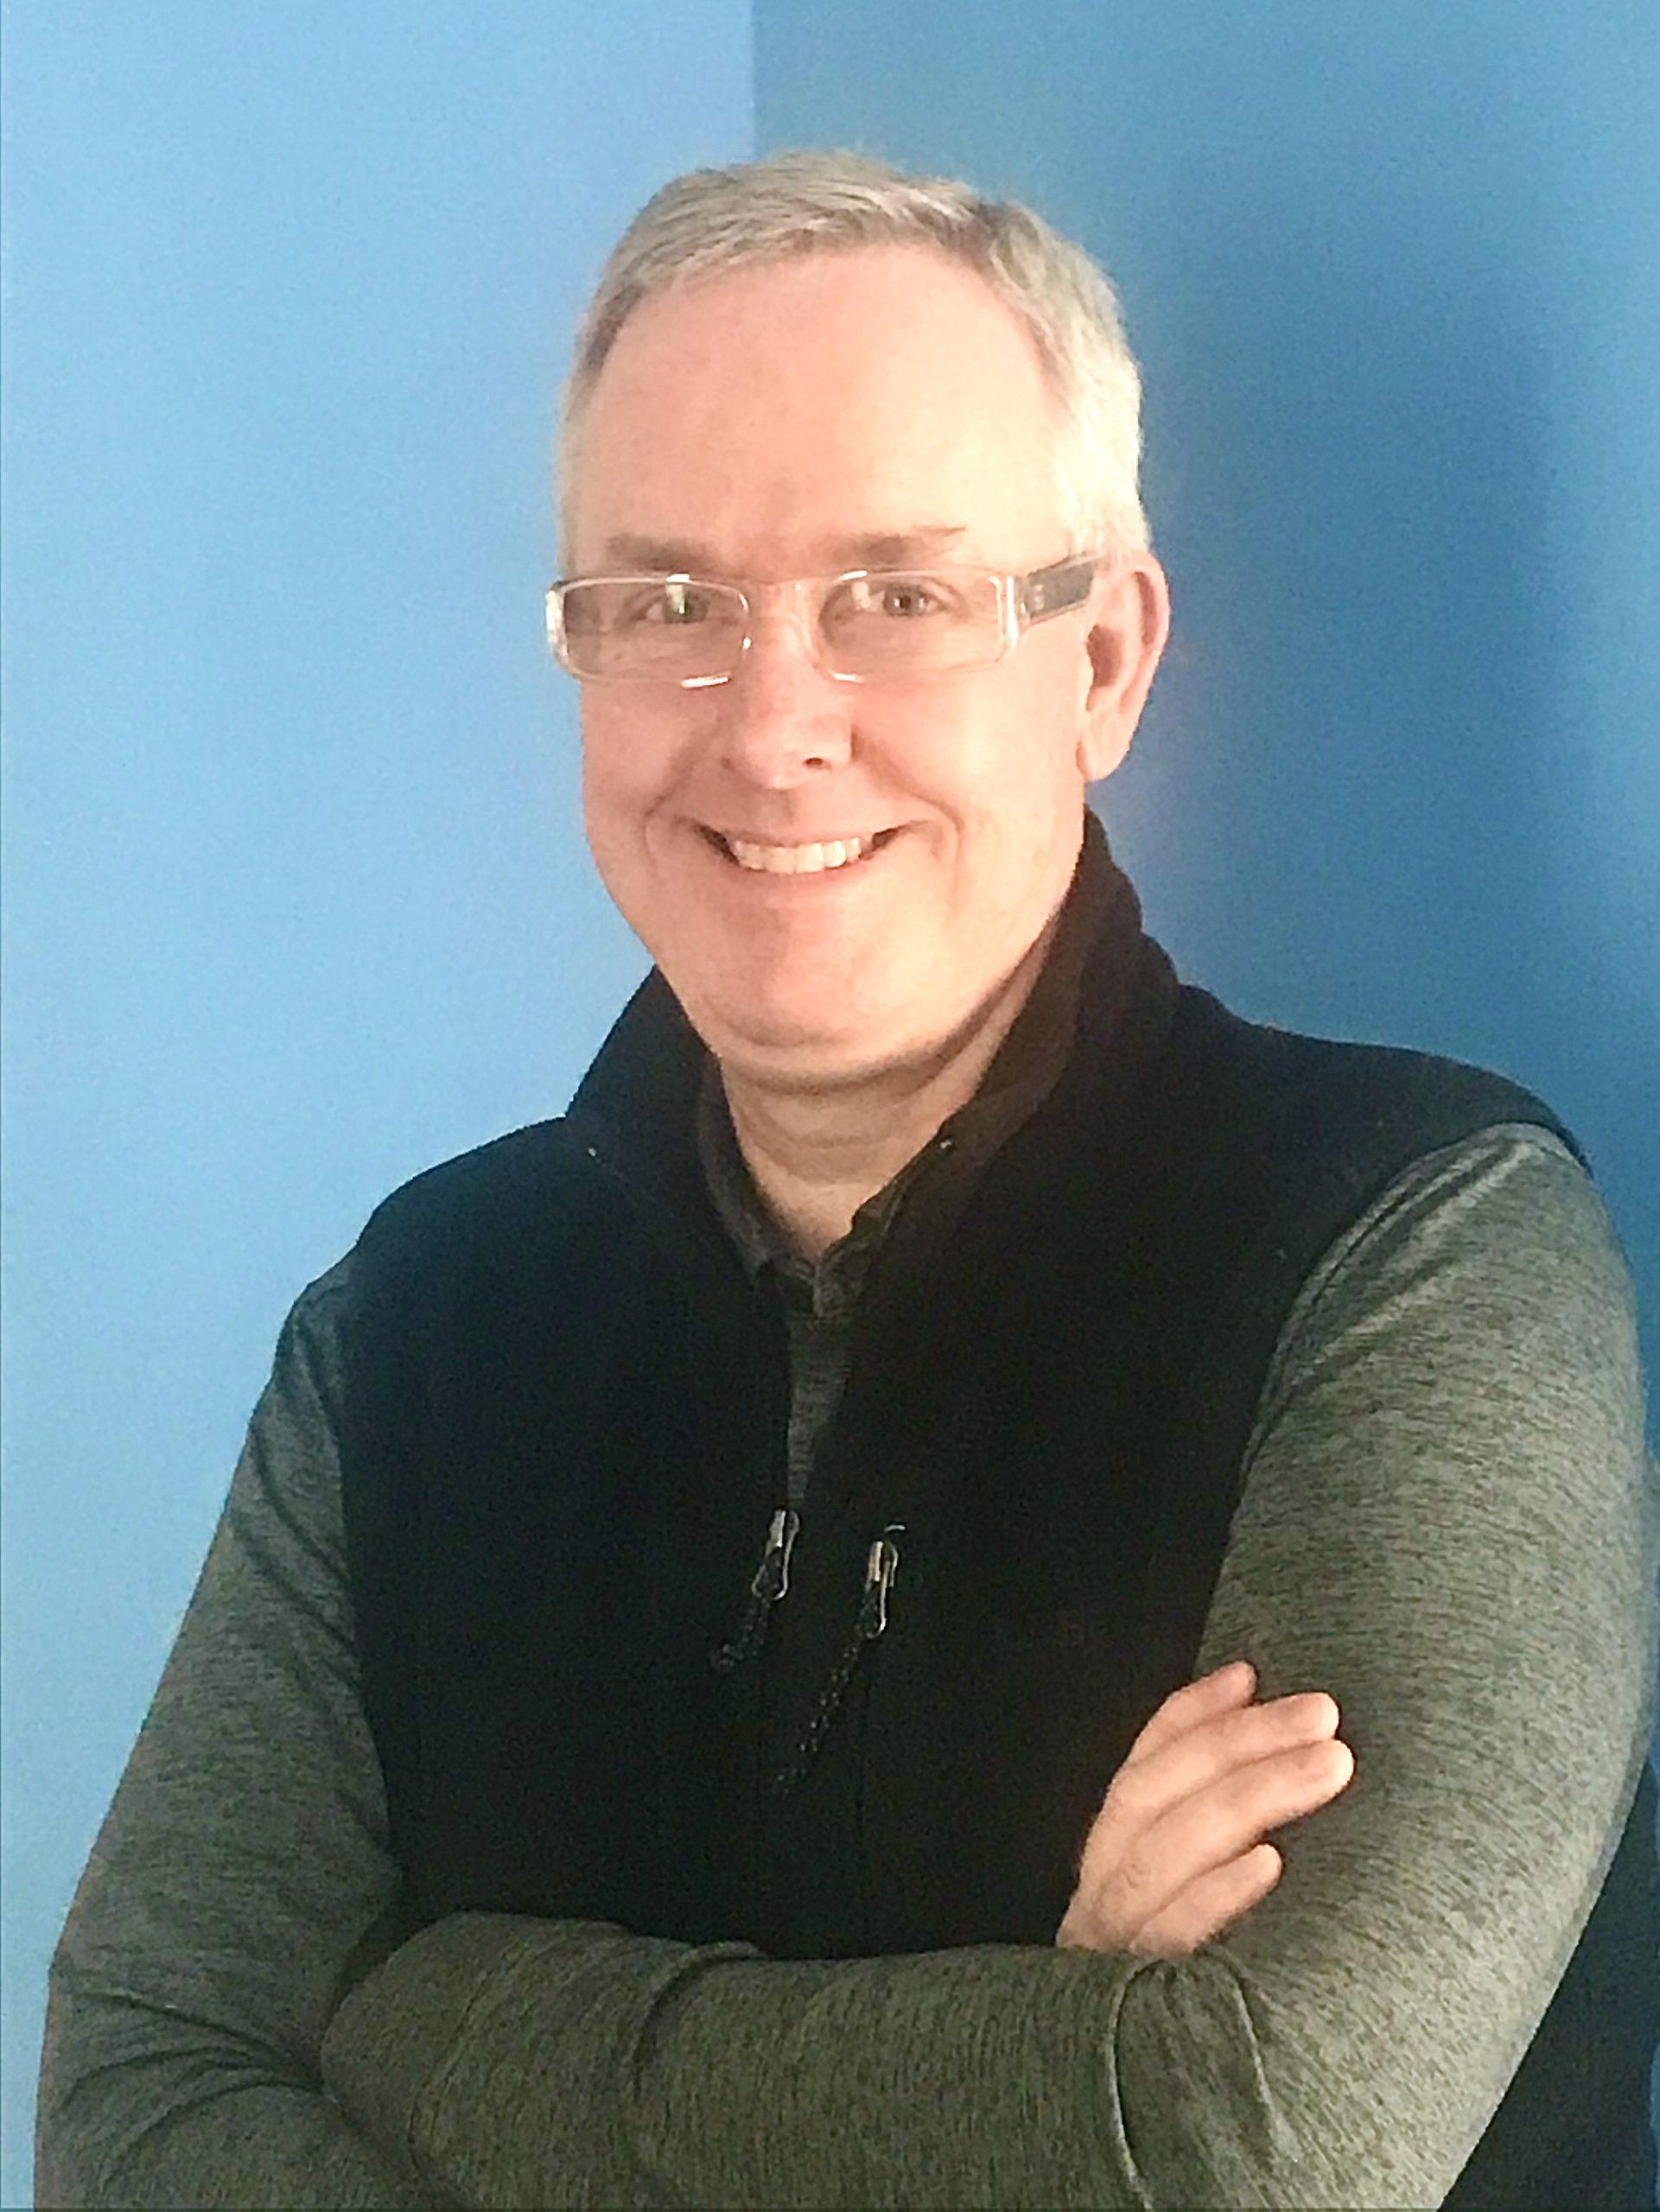 Glenn Brimacombe